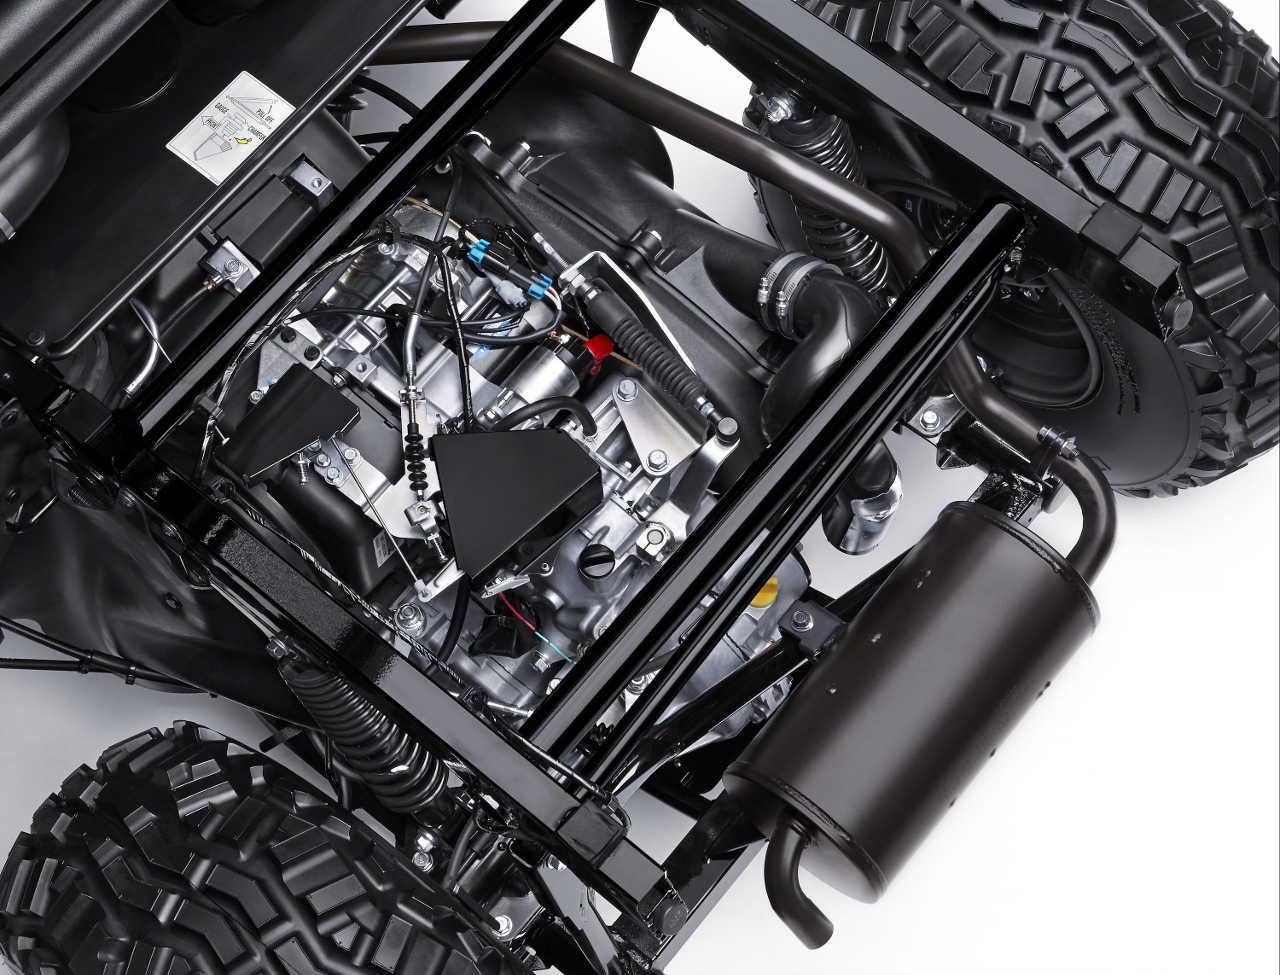 kawasaki mule 2500 wiring diagram images wiring diagram design kawasaki mule 610 4x4 moreover 2016 on